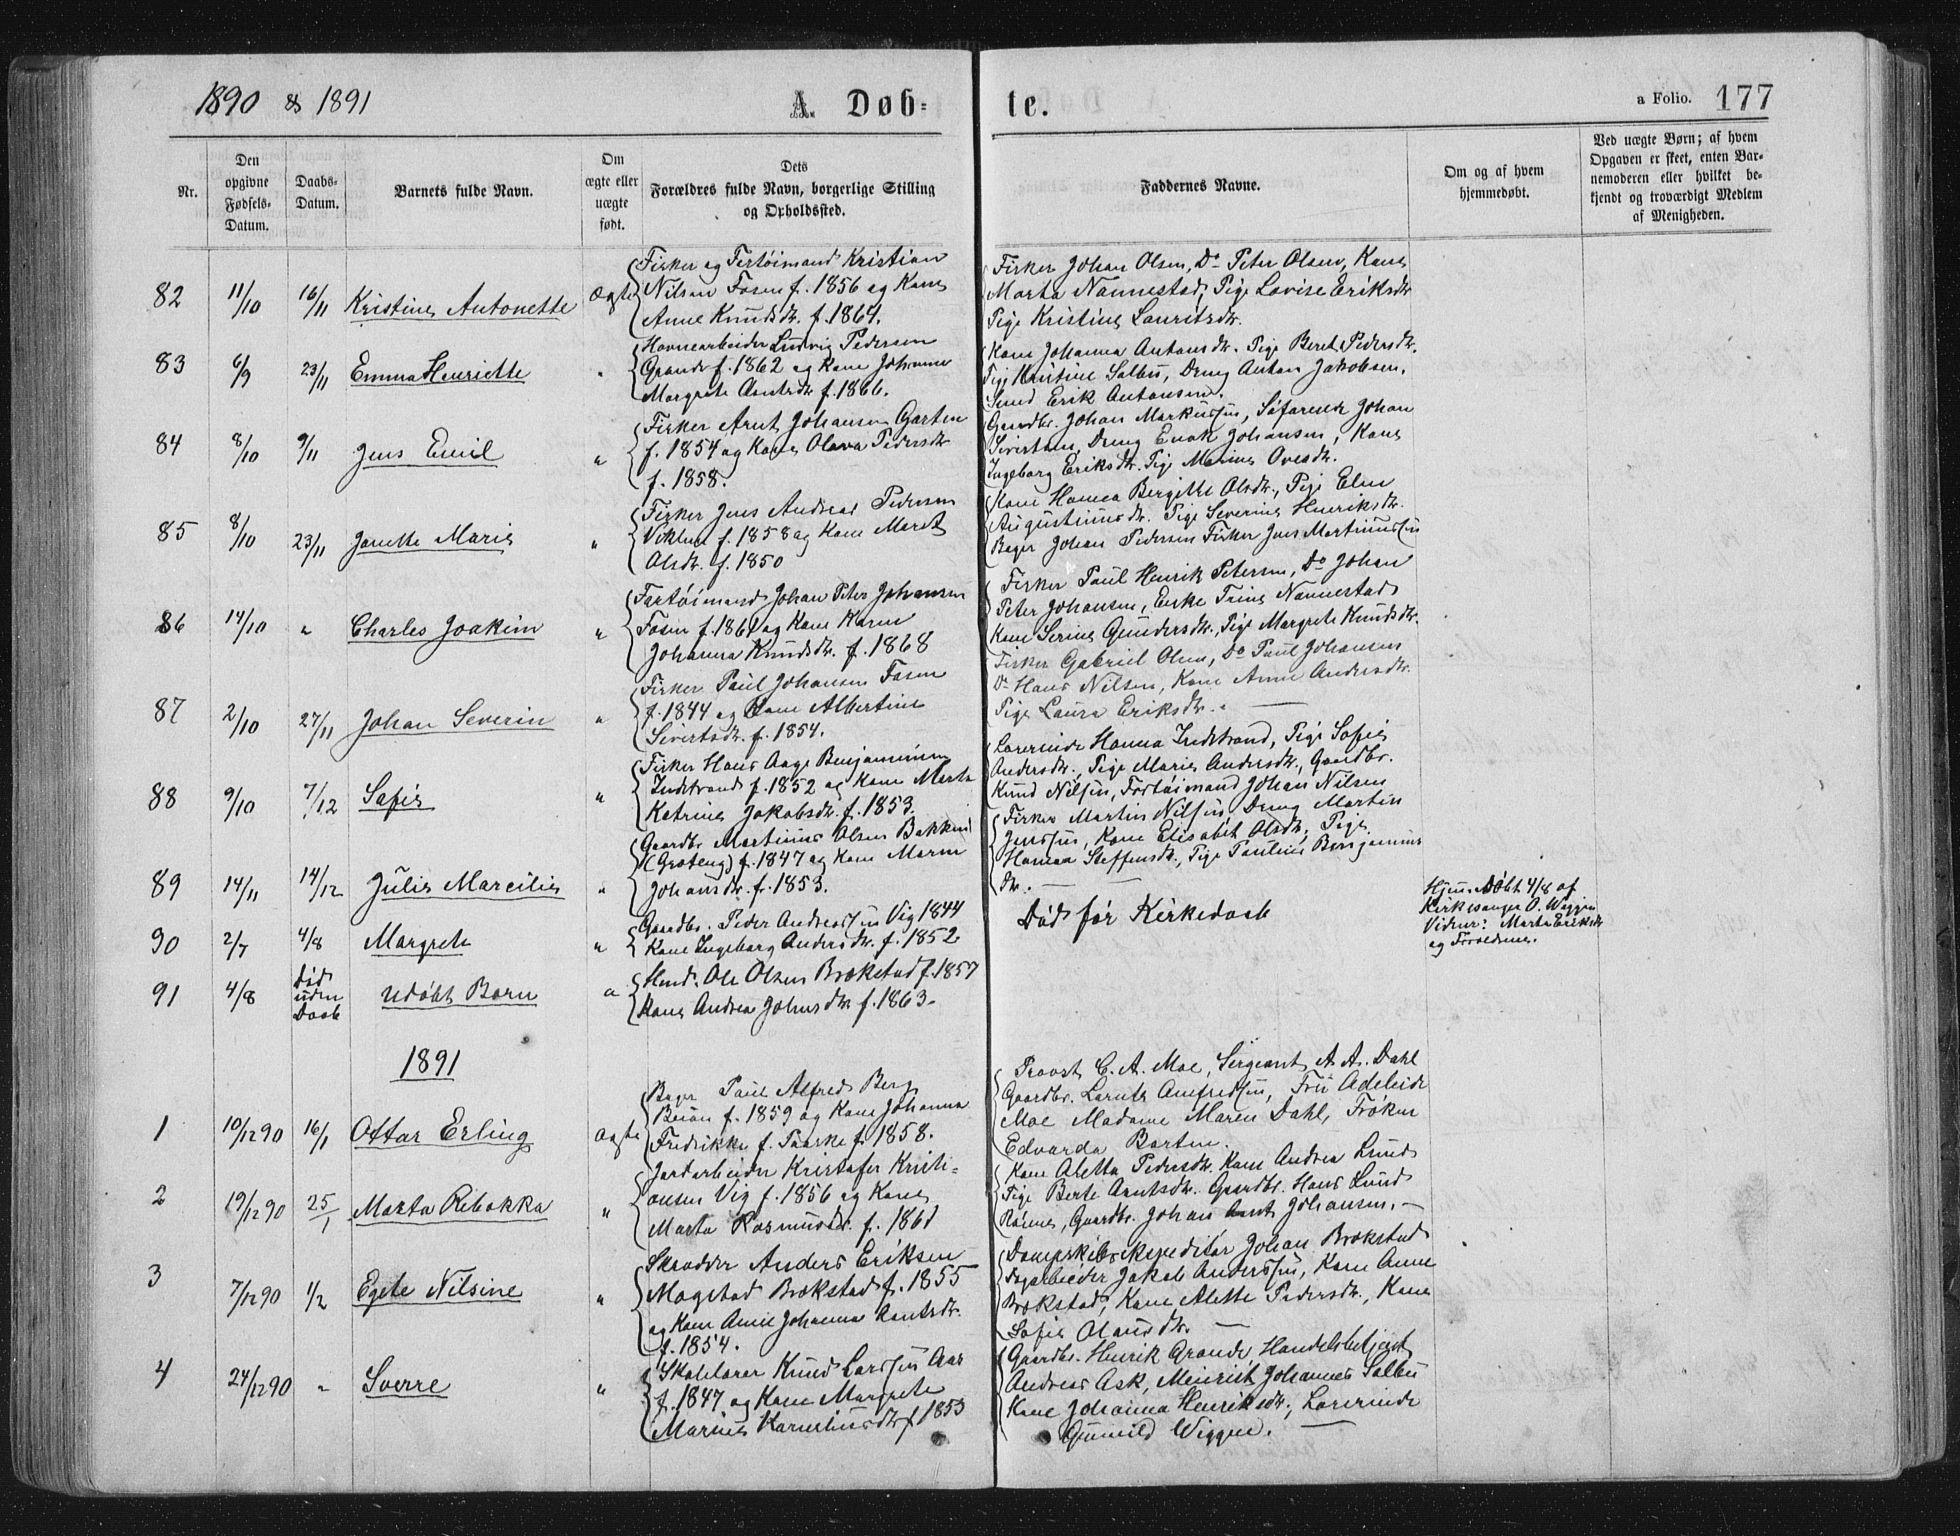 SAT, Ministerialprotokoller, klokkerbøker og fødselsregistre - Sør-Trøndelag, 659/L0745: Klokkerbok nr. 659C02, 1869-1892, s. 177